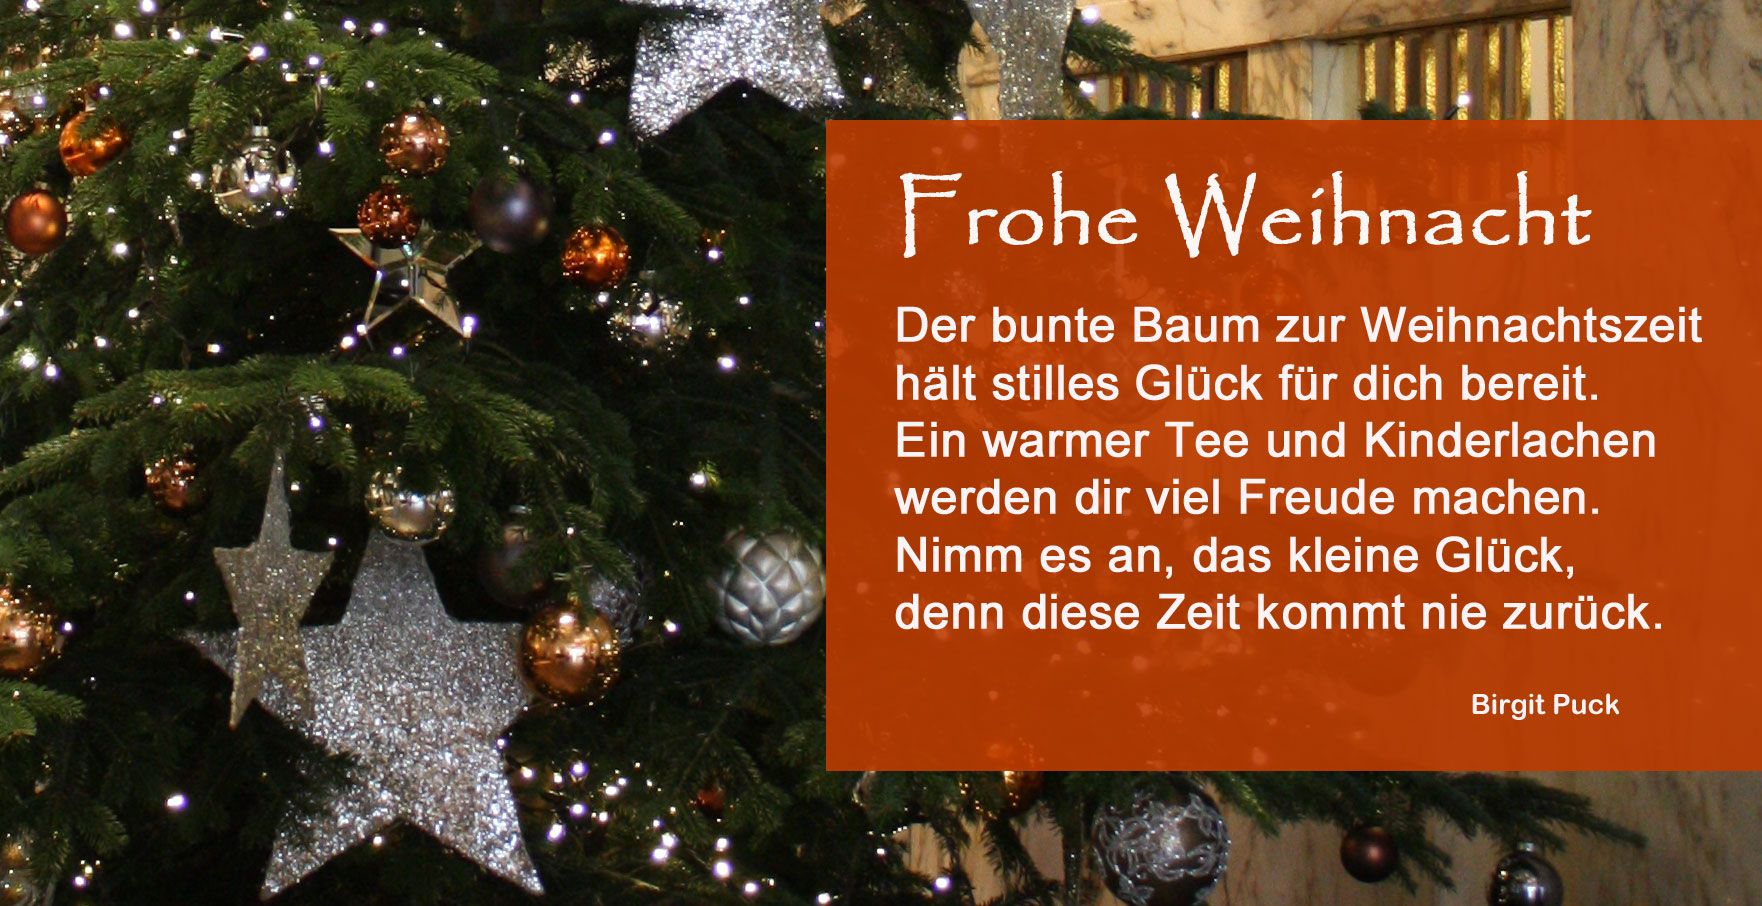 Frohe Weihnacht Schones Gedicht Als Weihnachtsgruss Frohe Weihnacht Weihnachtsgrusse Grusse Zu Weihnachten